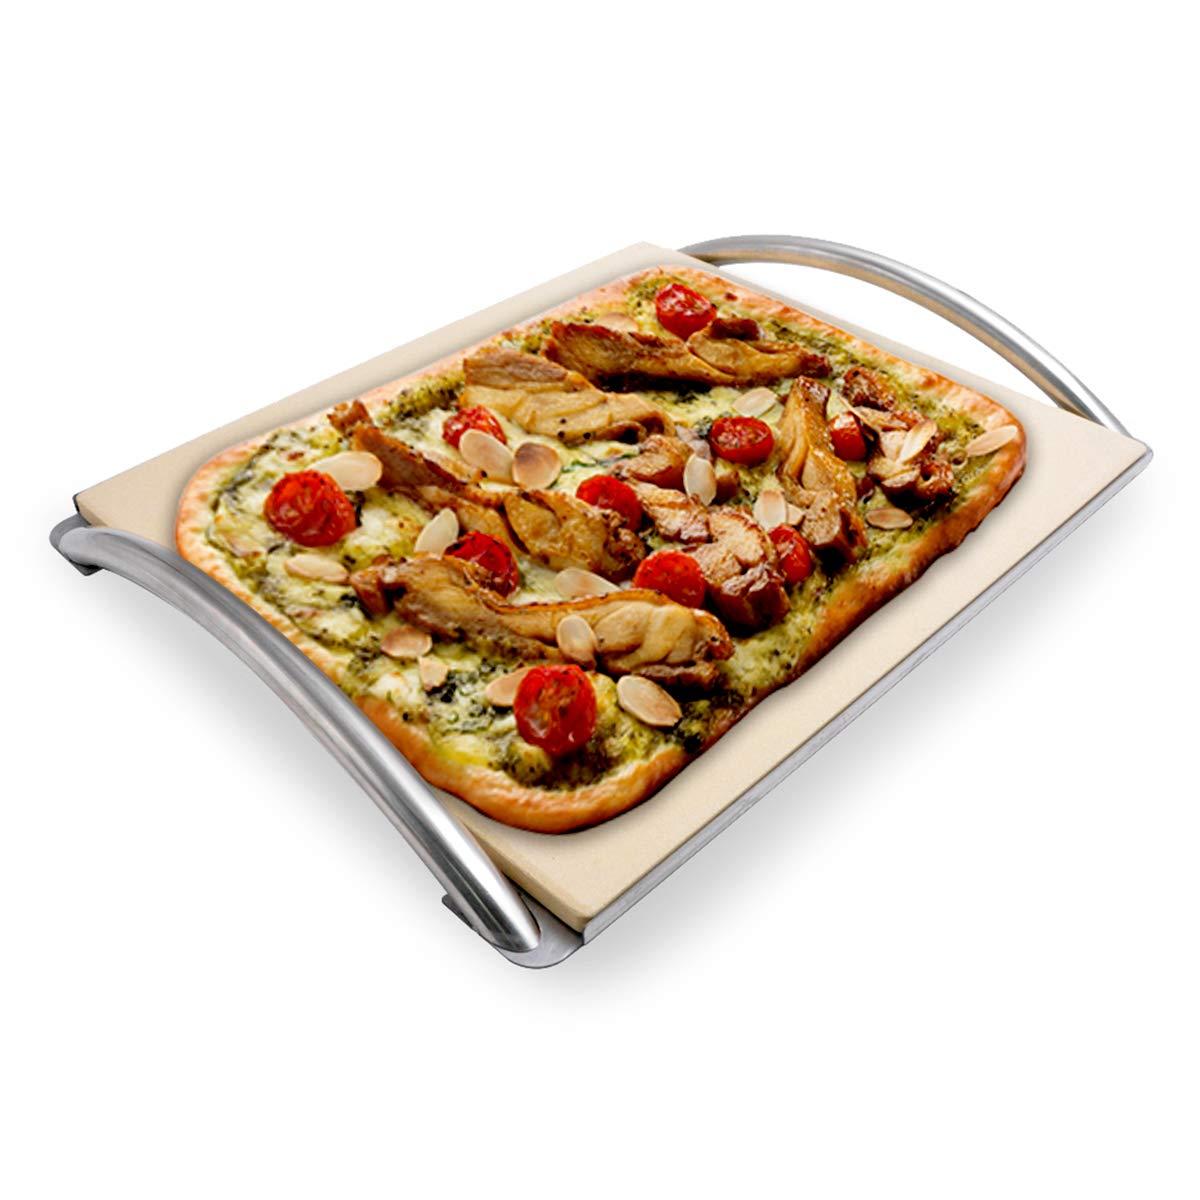 Skyflame Rectangle Ceramic Baking Pizza